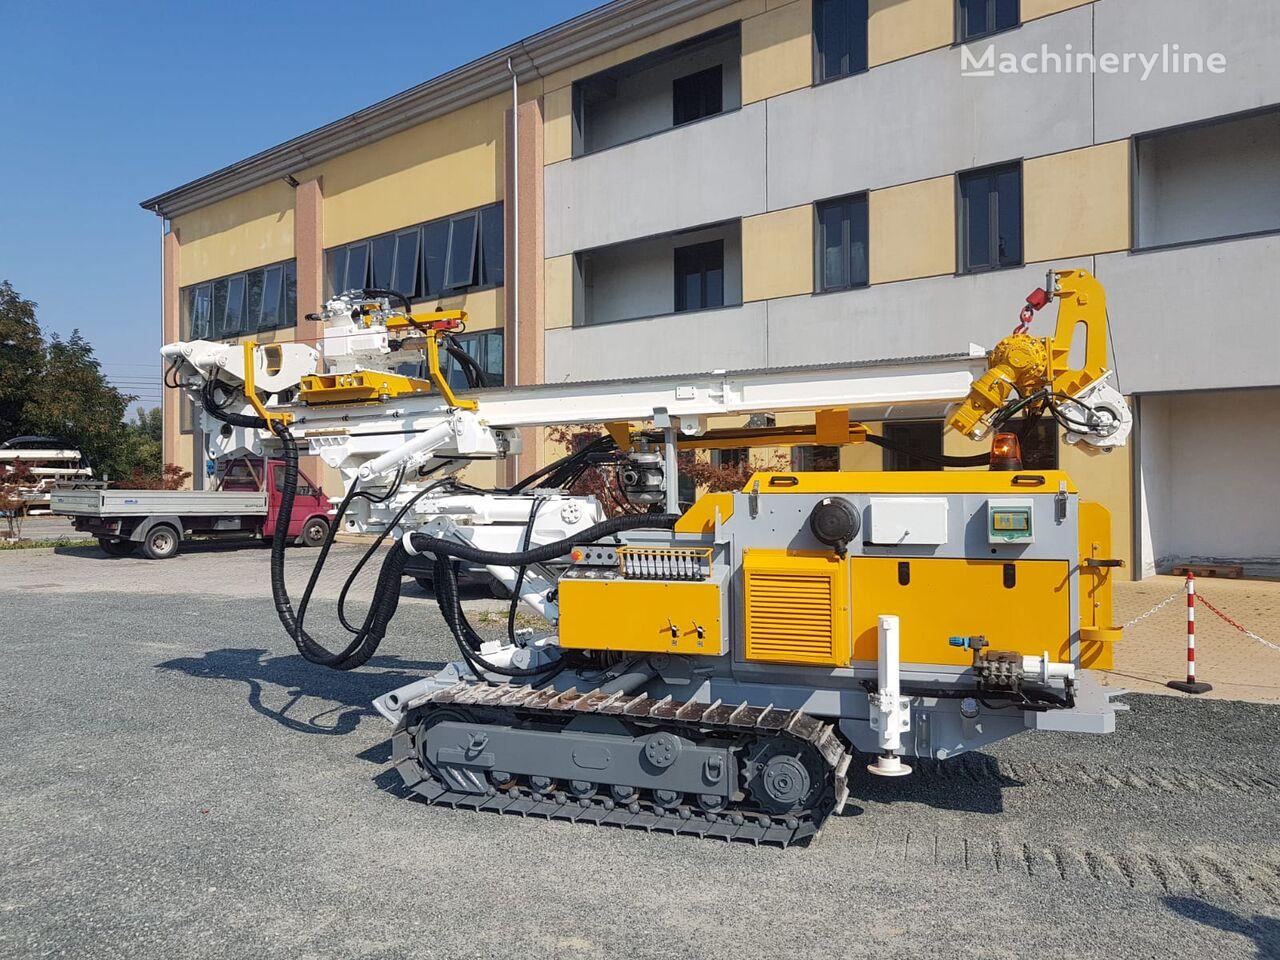 وحدة حفر الآبار Comacchio MC 600